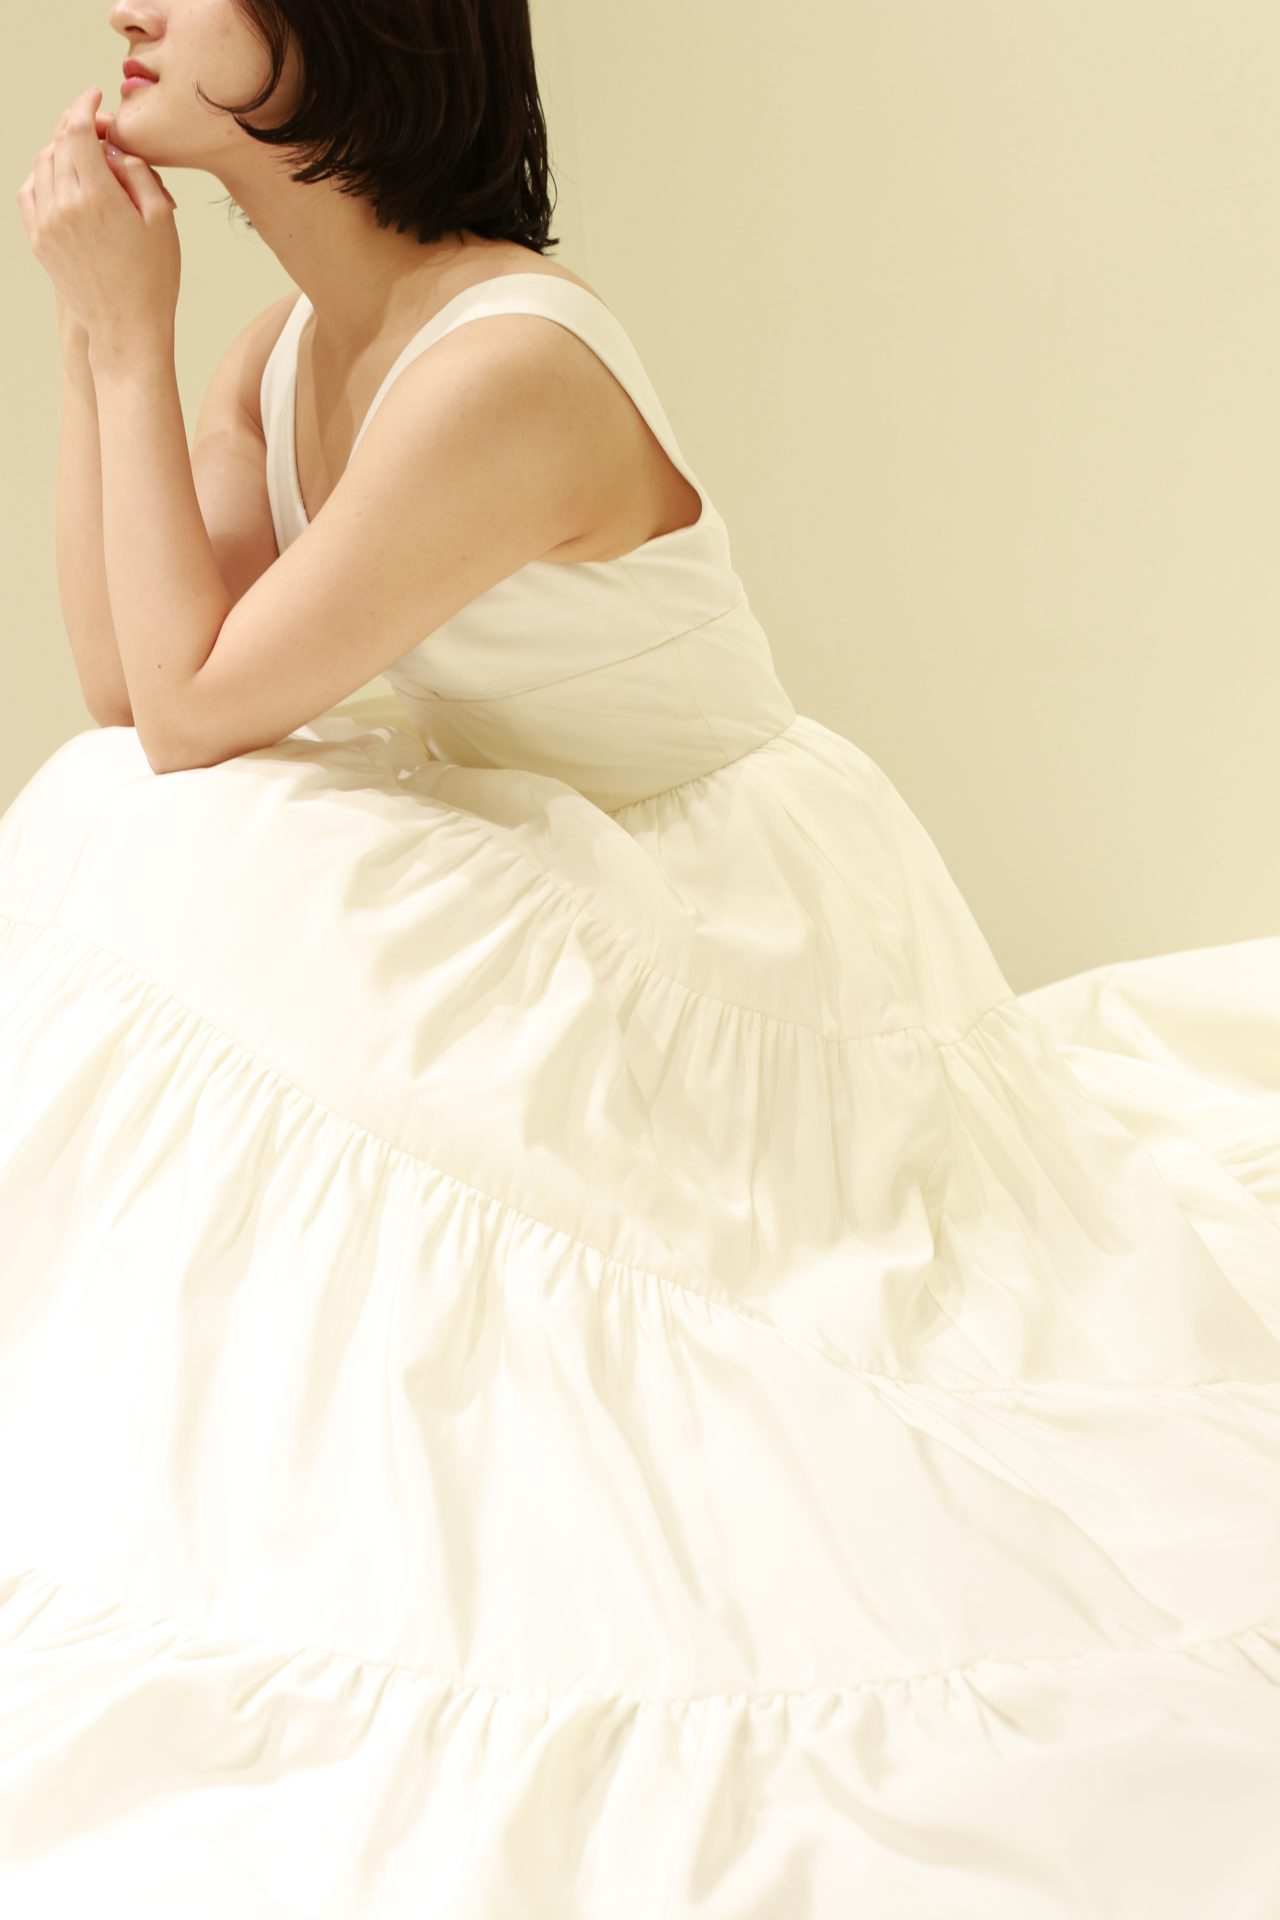 女性らしいメリハリがある体型の「ストレート」には、肌にハリと弾力があるのが特徴ですので、ドレスの生地はシルクサテンなどの上質で光沢感のある素材が相性抜群です